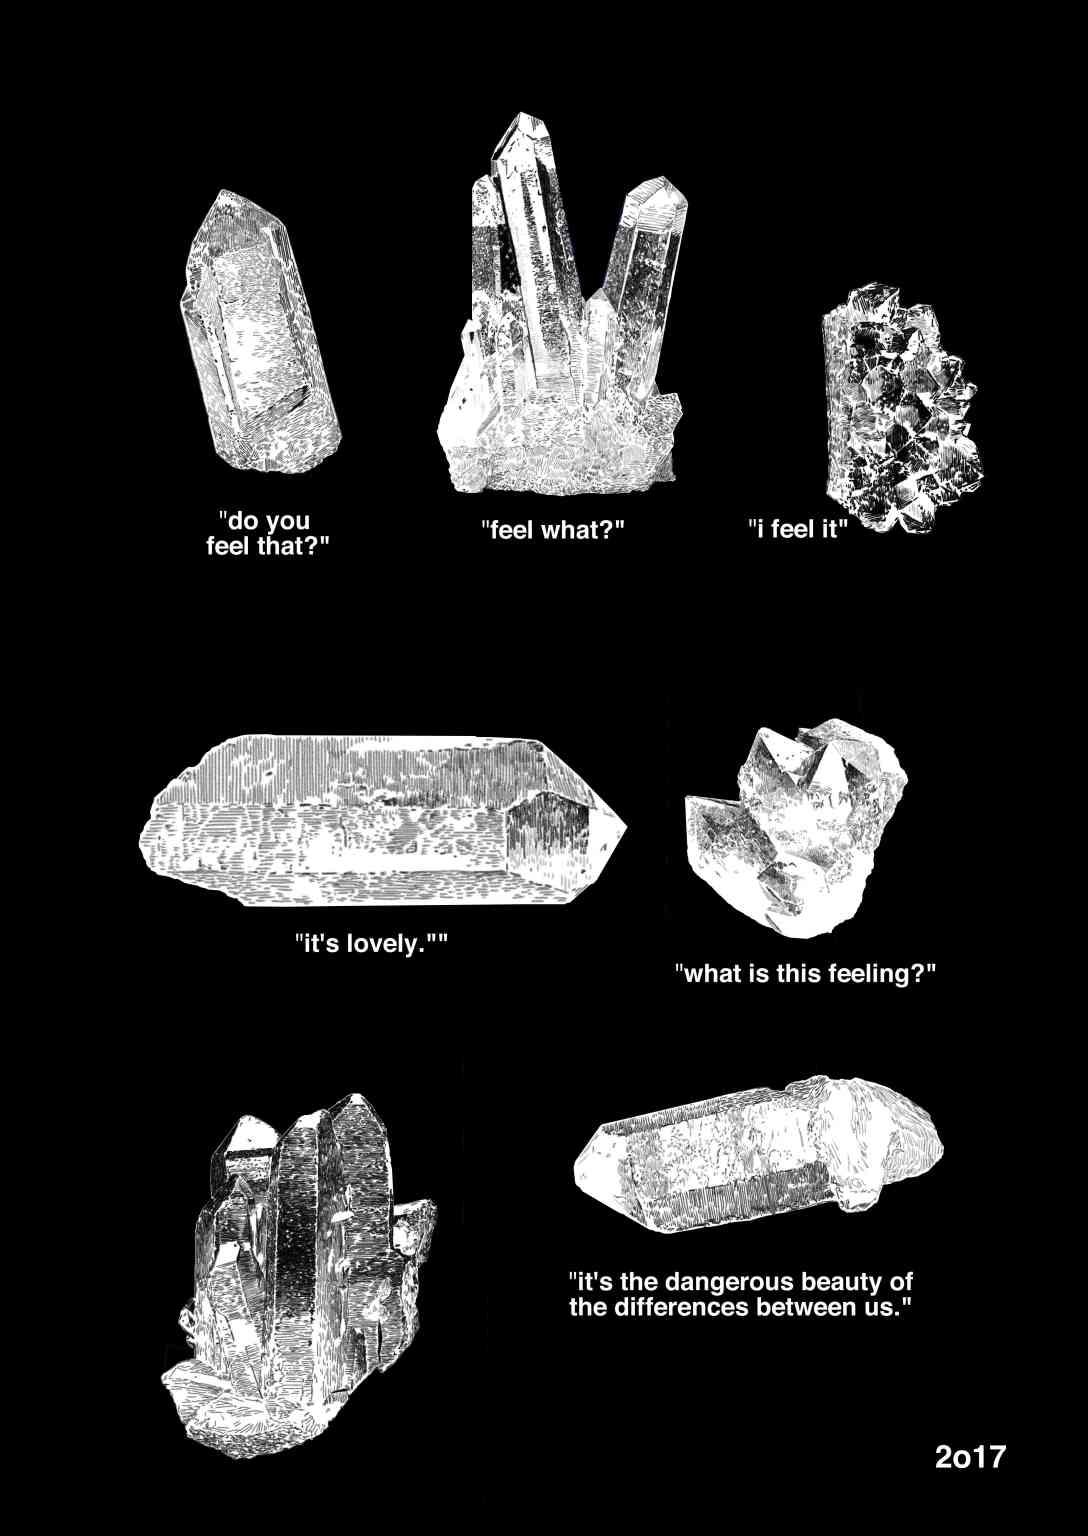 marxcrystals2